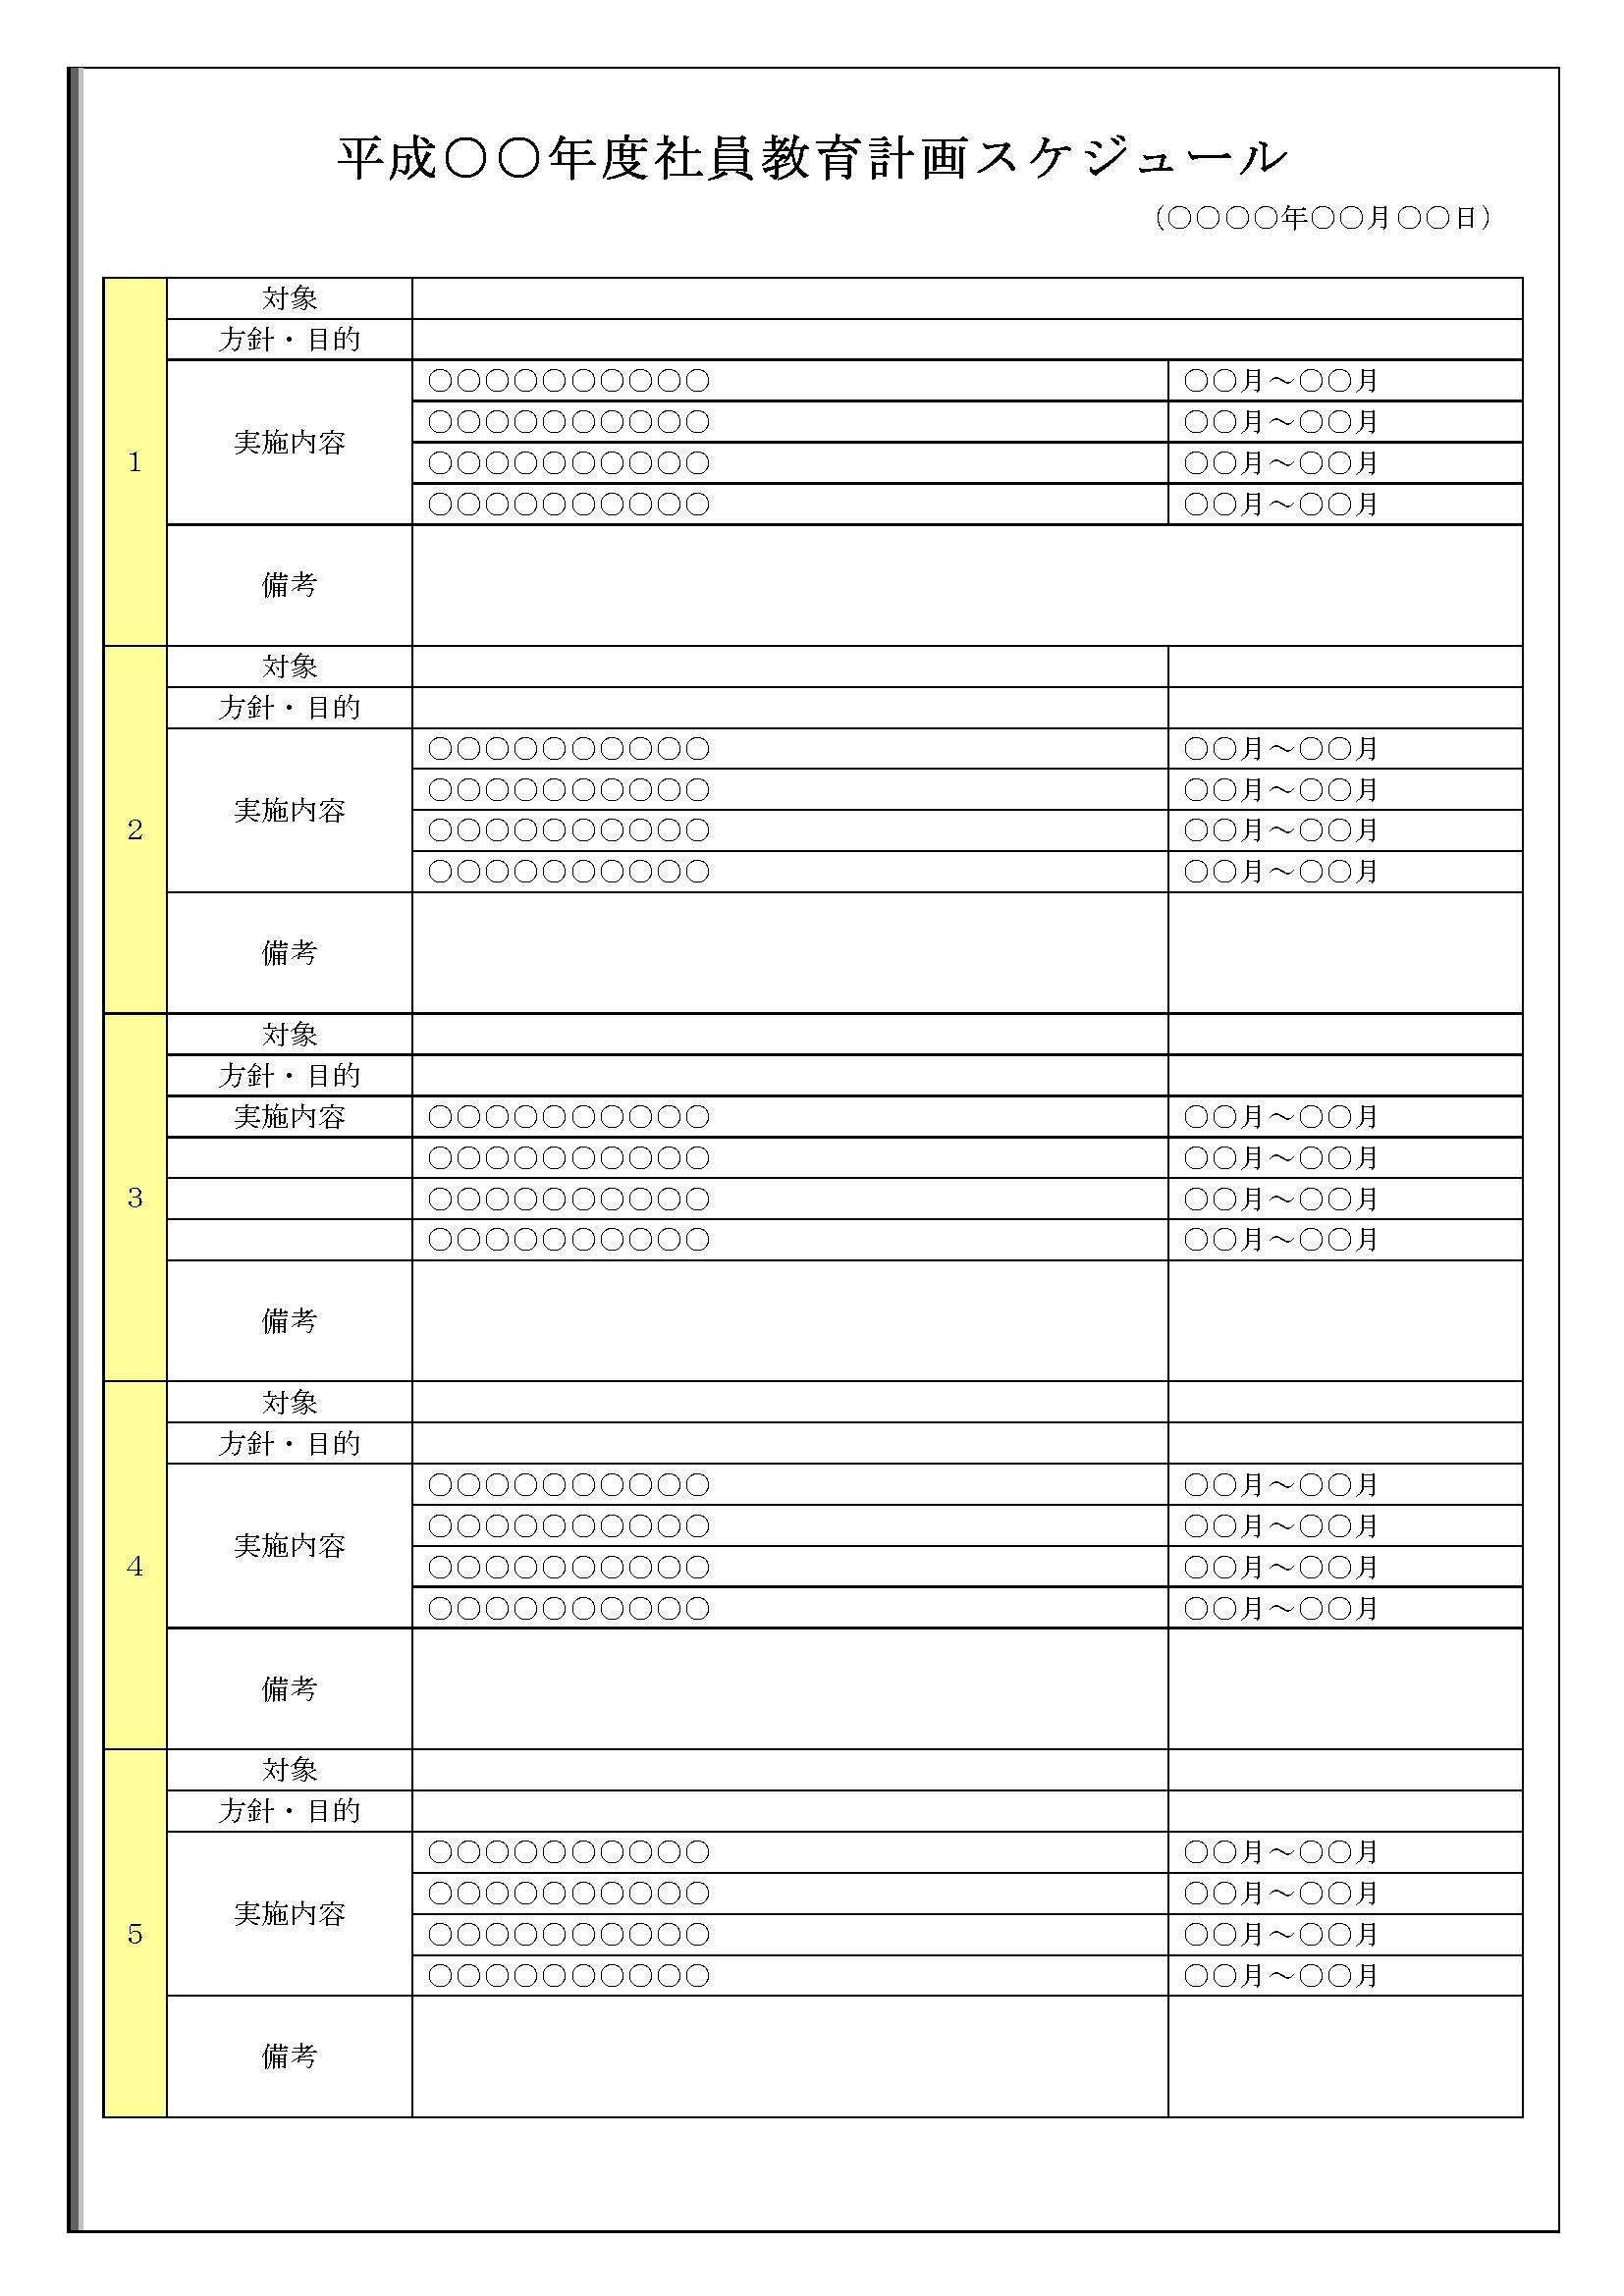 社員教育計画スケジュール